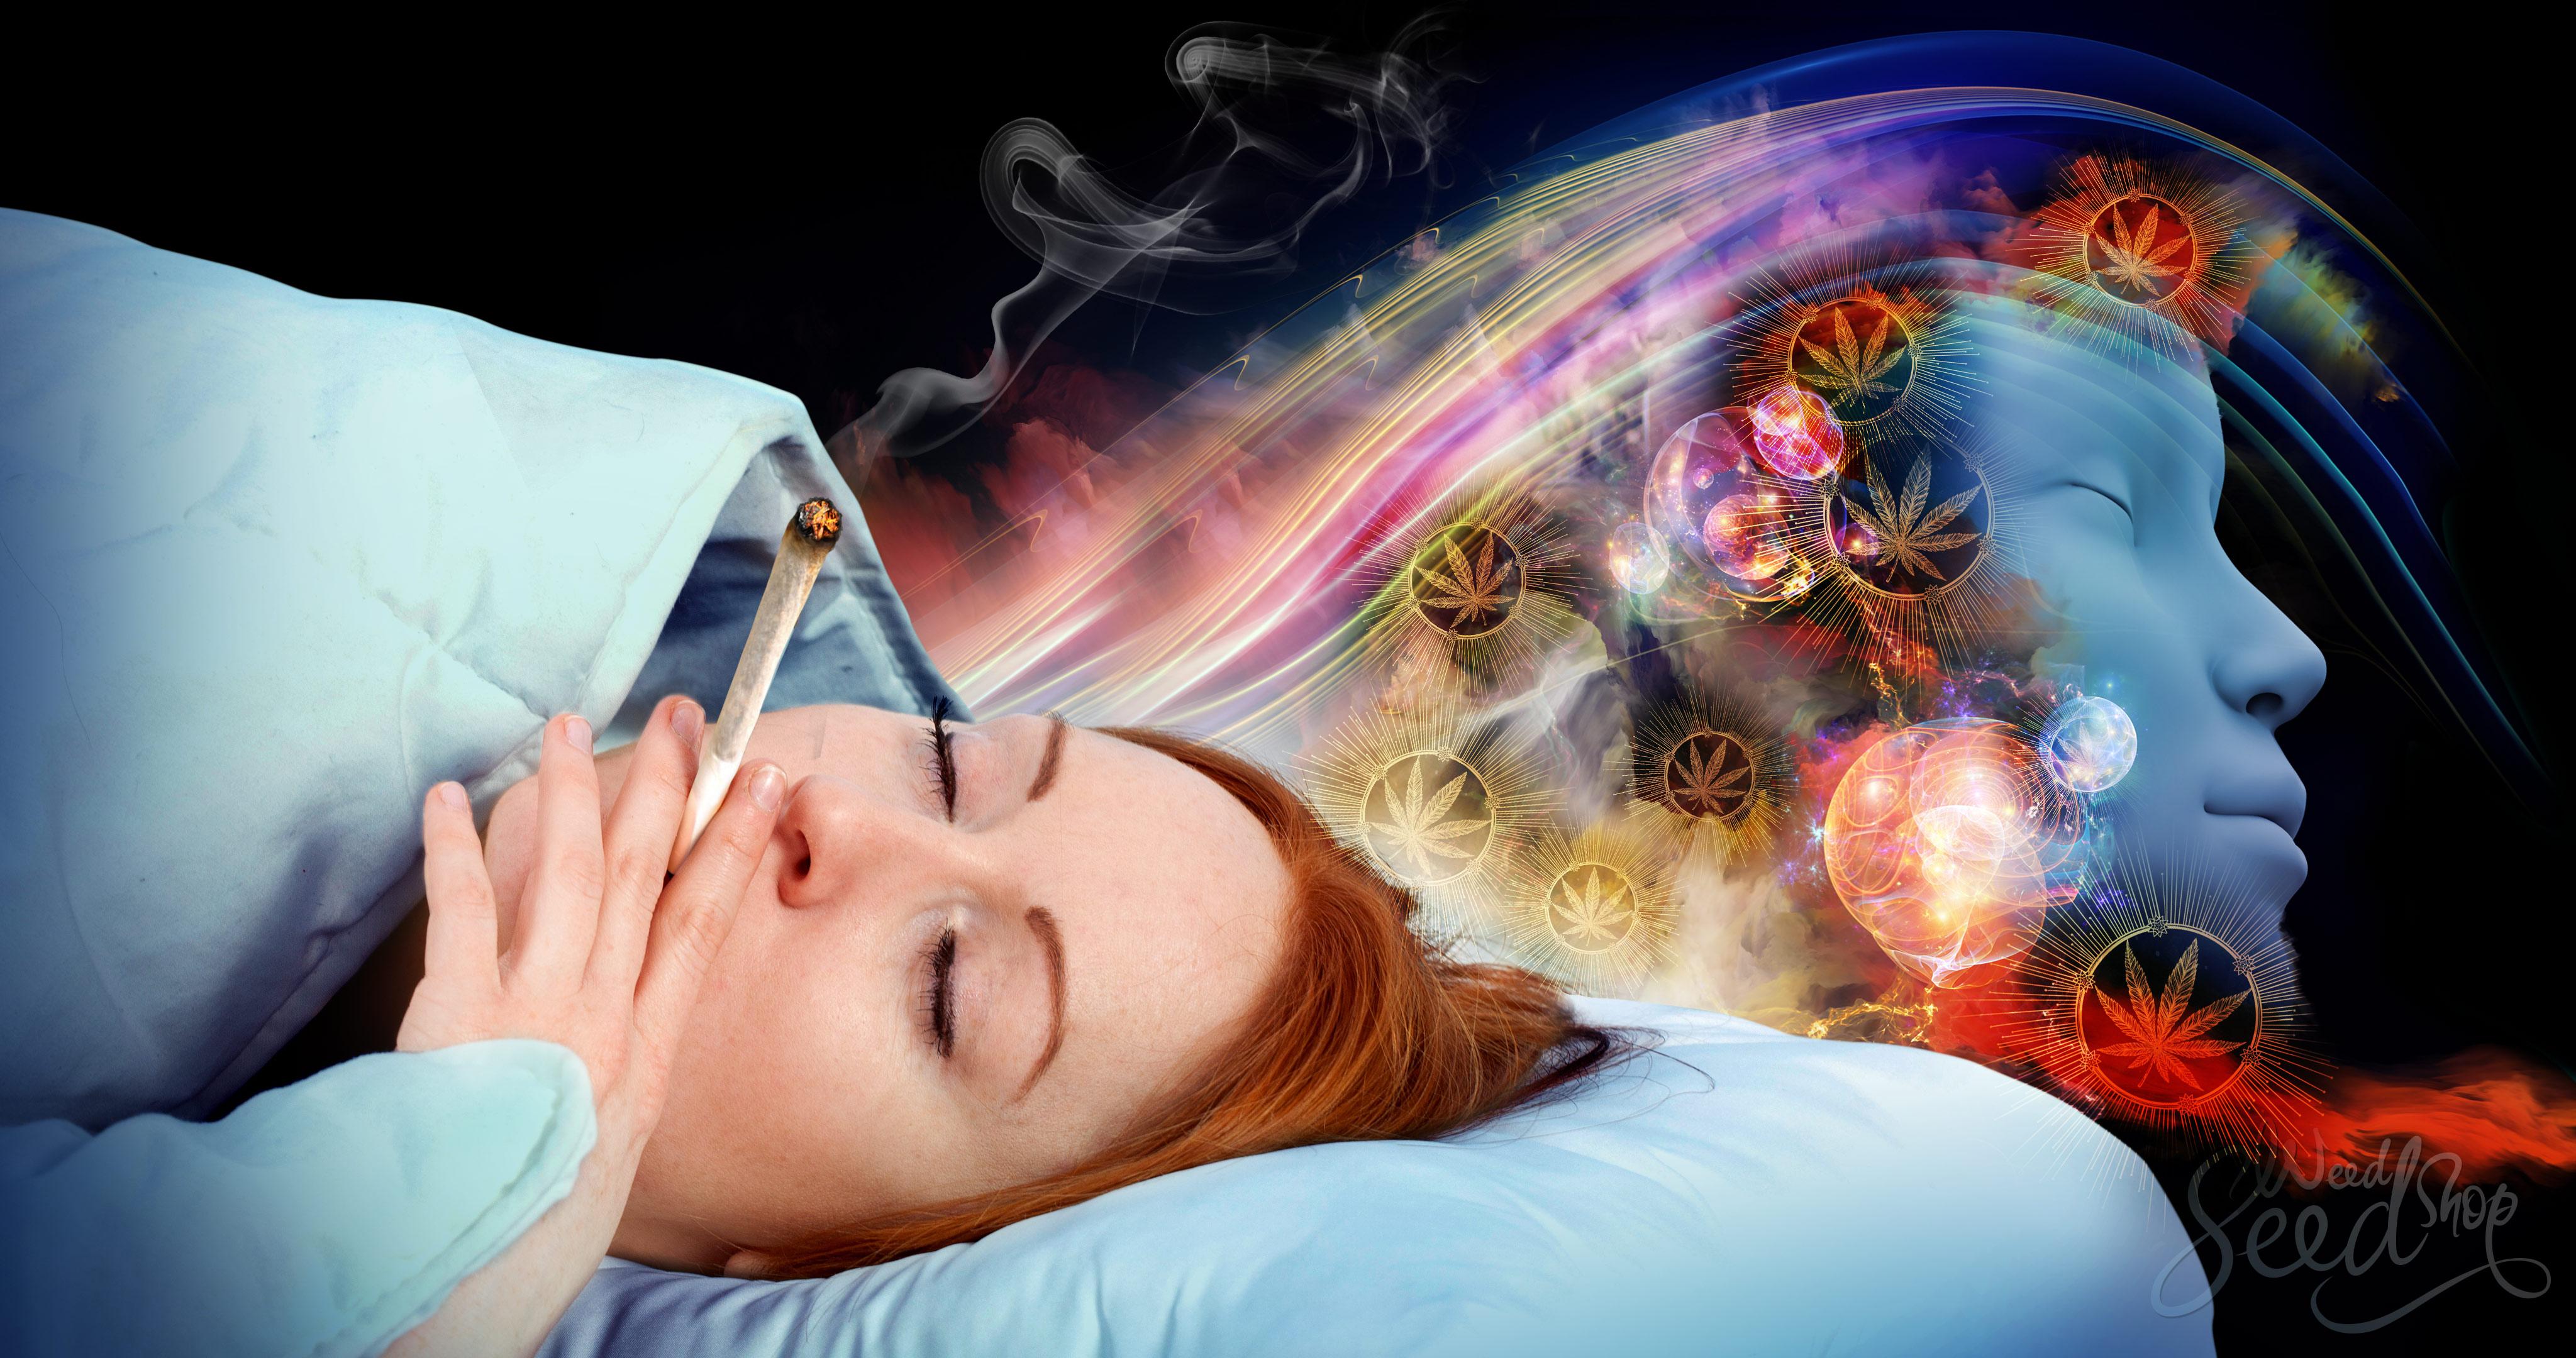 Les effets du cannabis sur les rêves